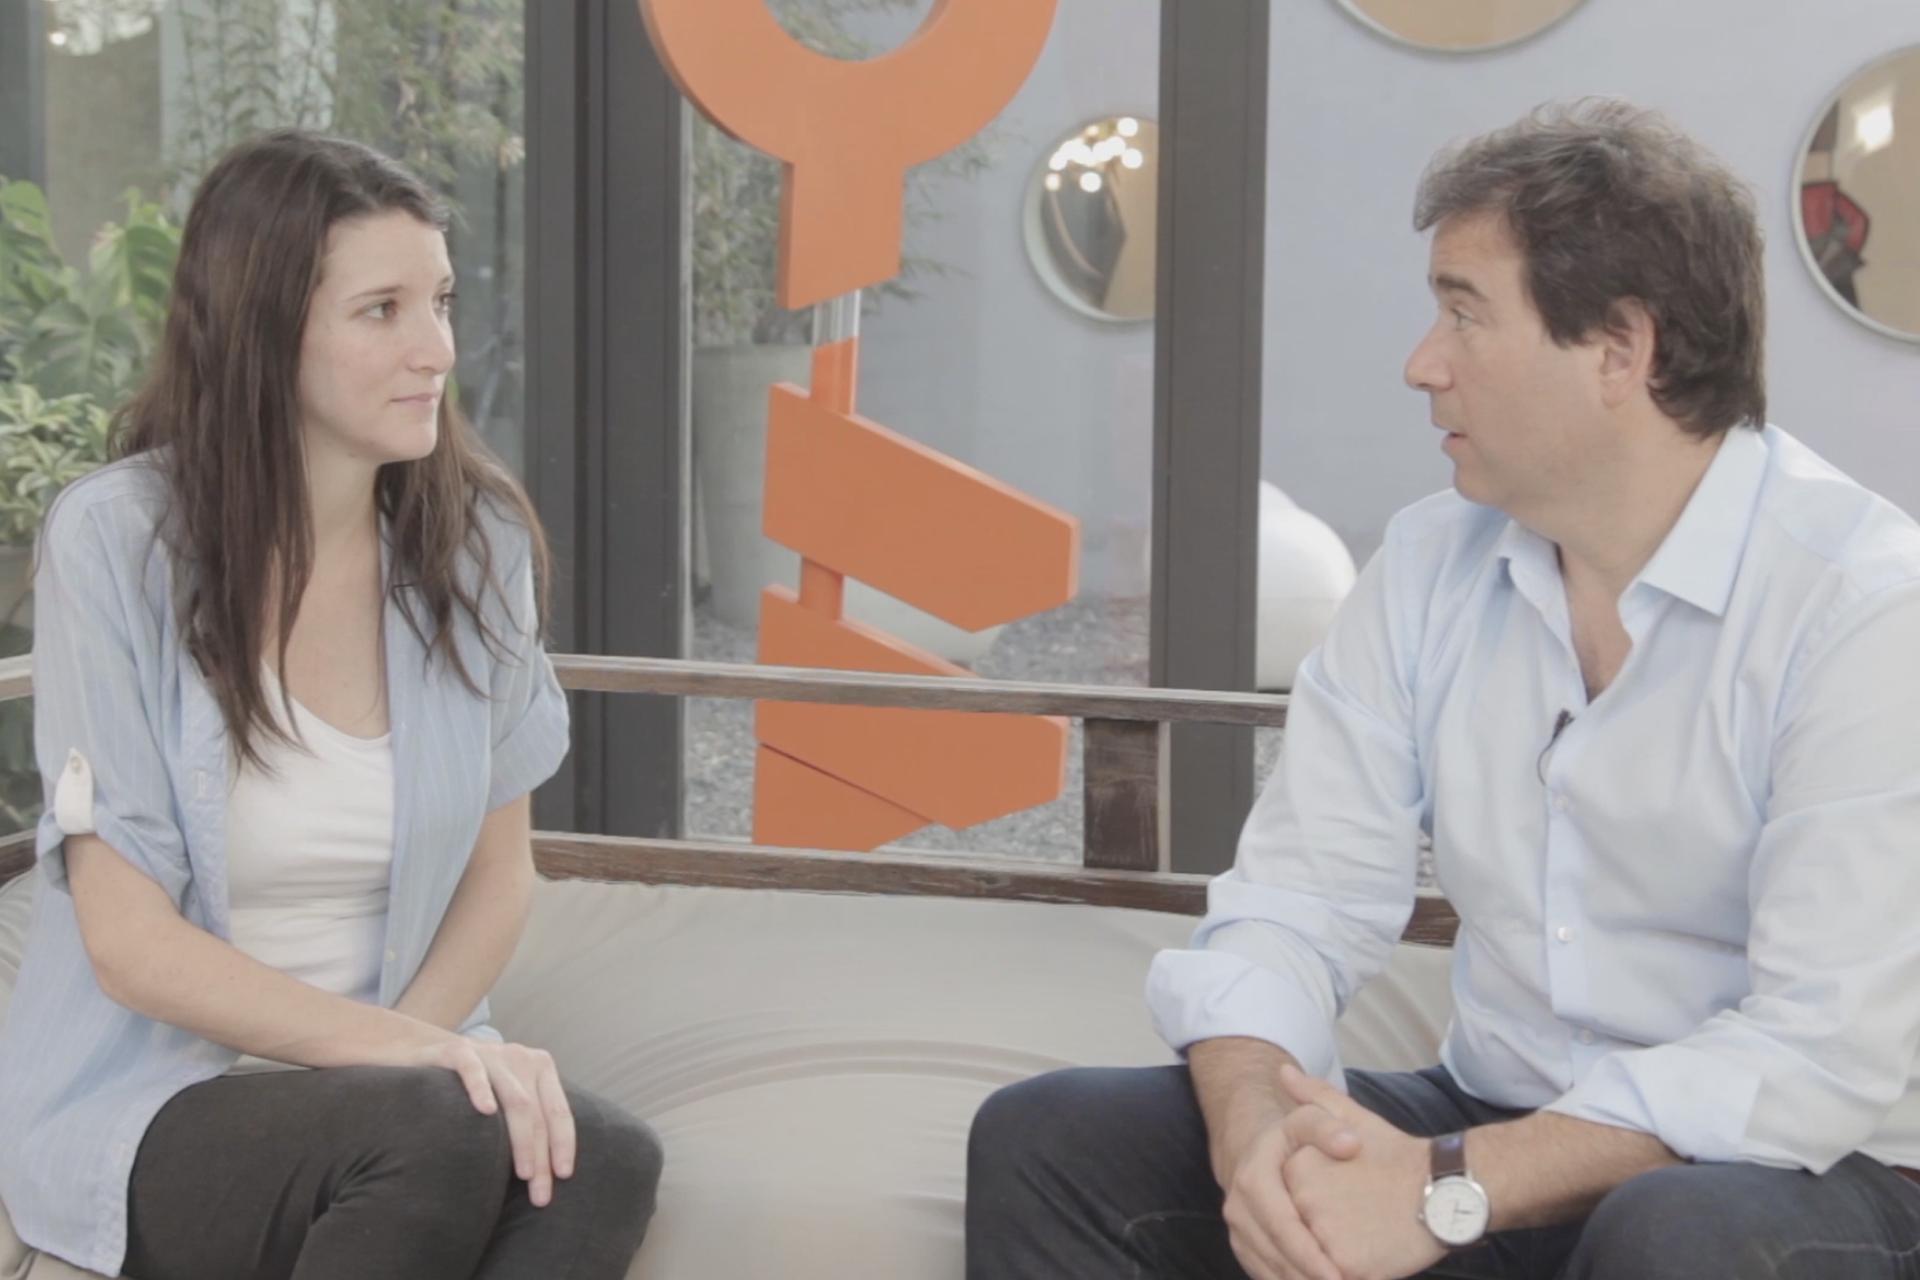 #EntrevistasZonaprop – ¿Cuál es la mejor inversión?